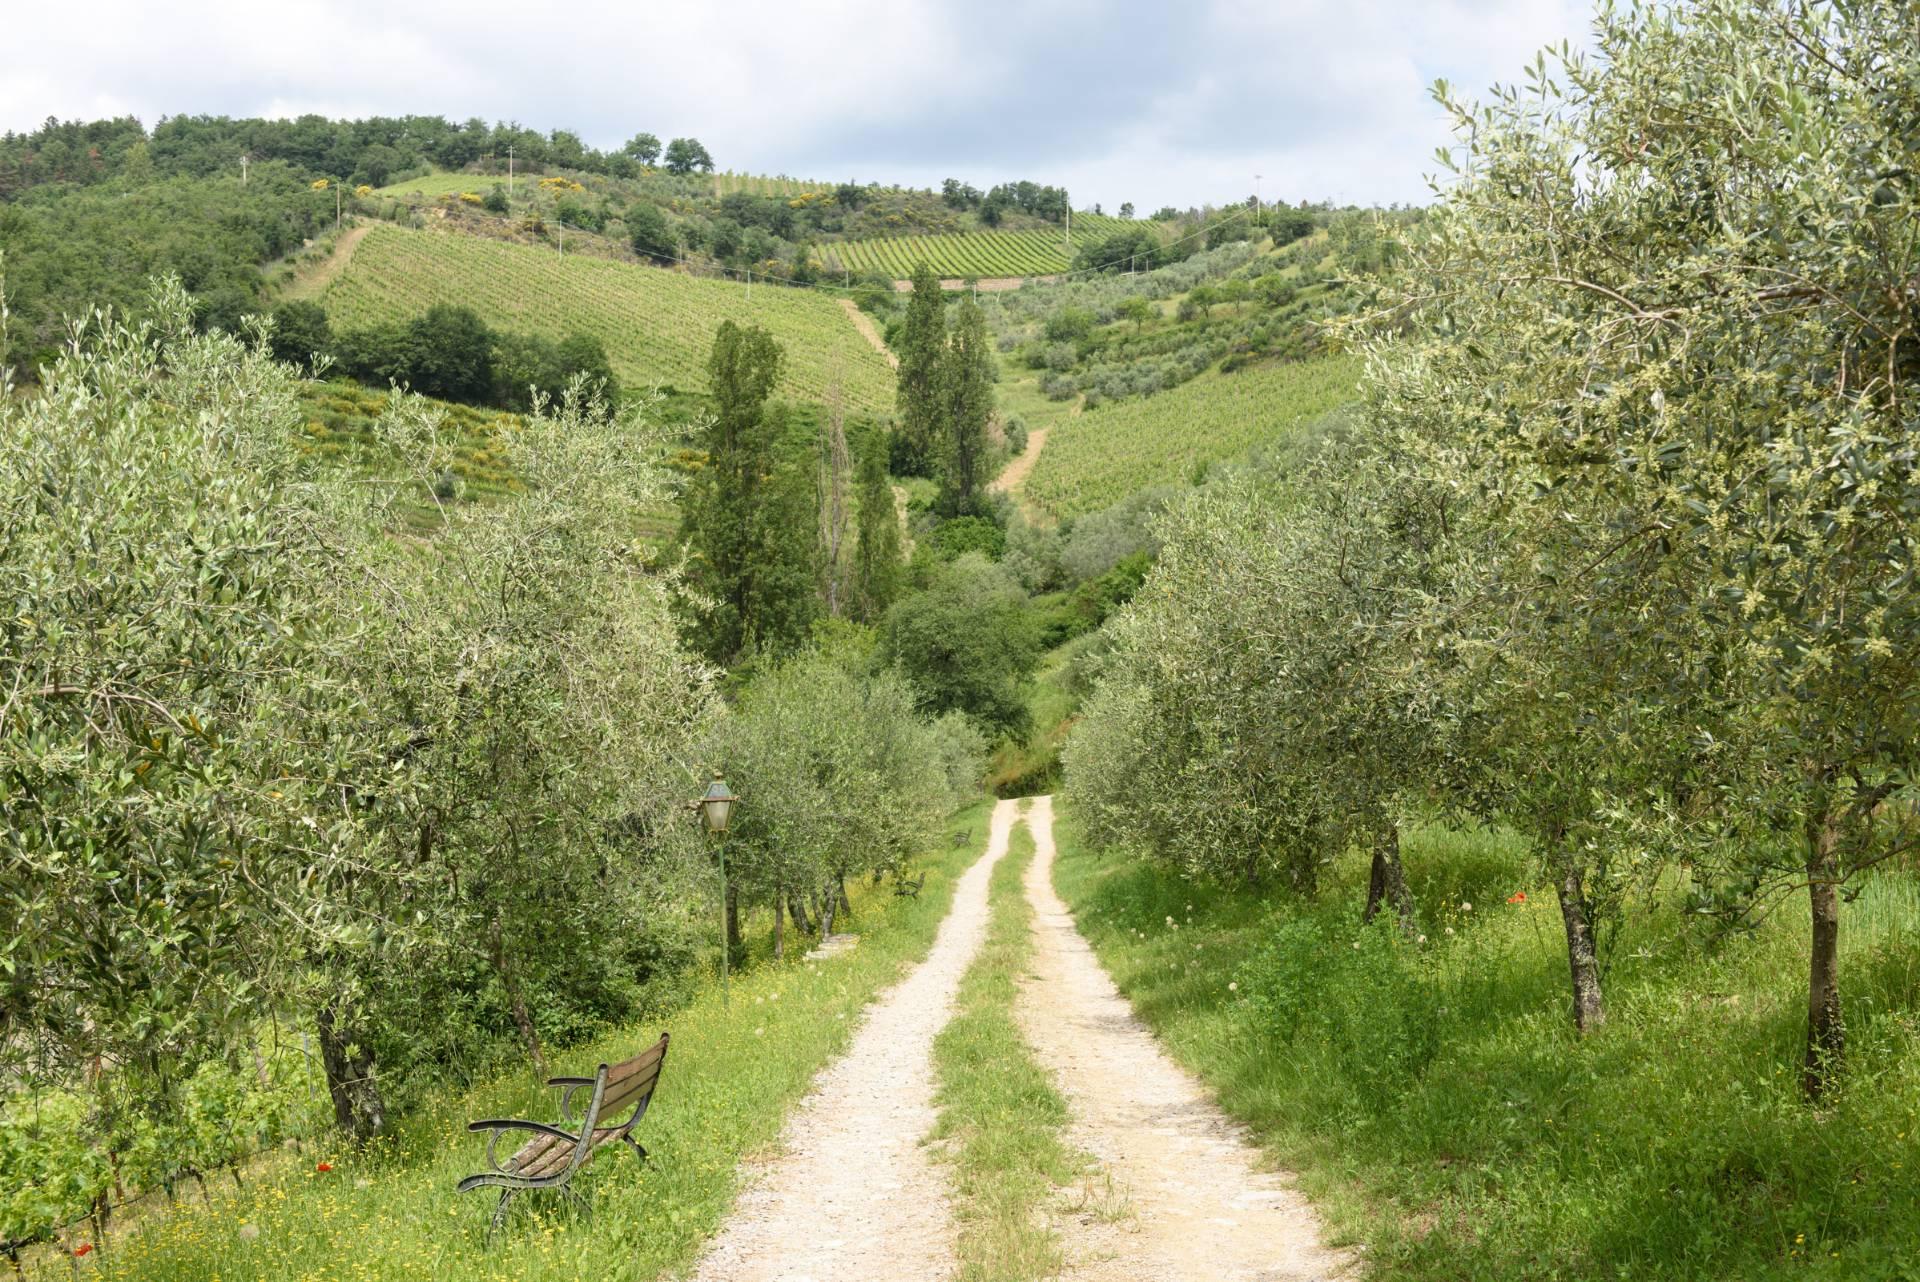 Rustico in Vendita a Gaiole In Chianti: 5 locali, 2170 mq - Foto 14